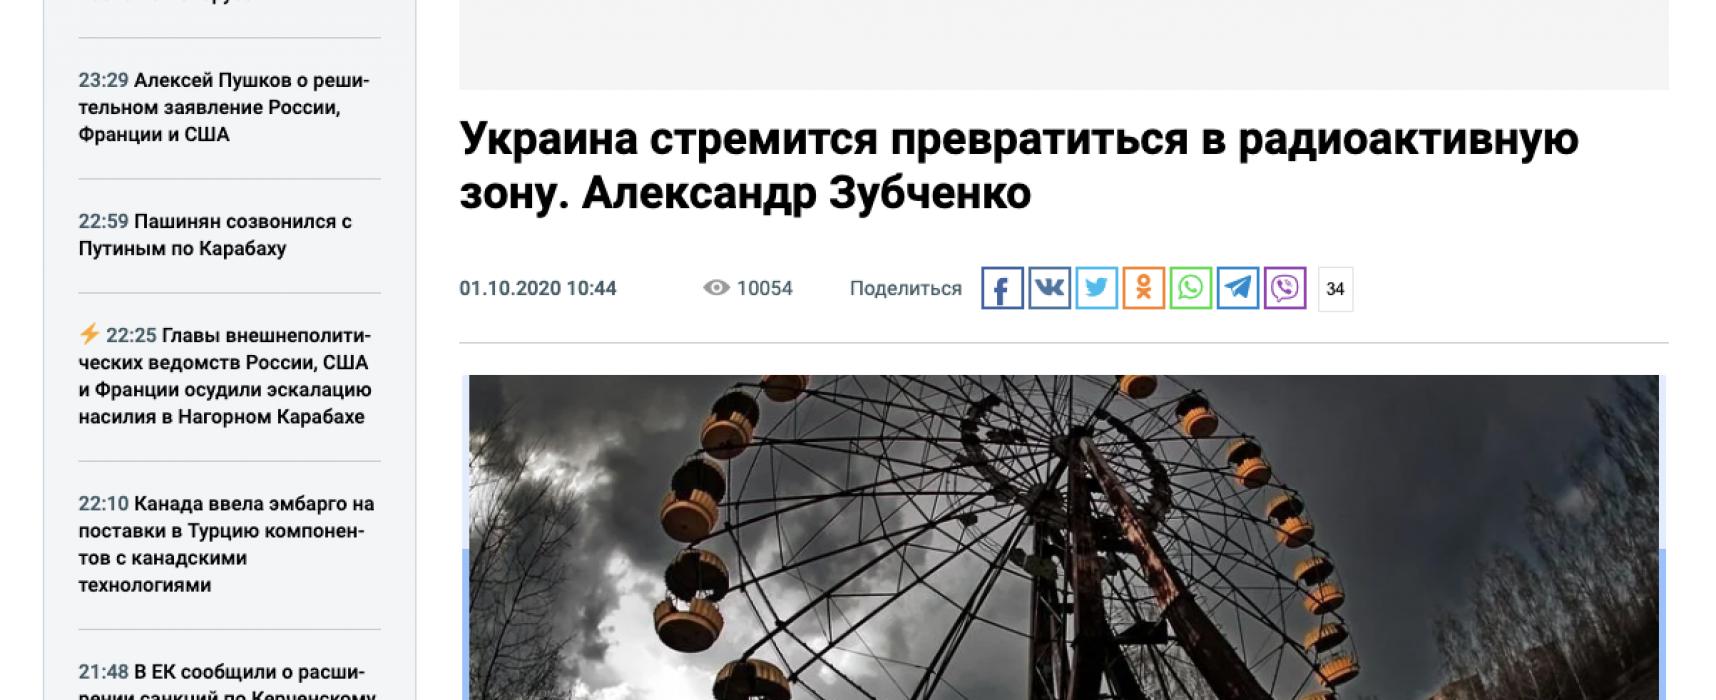 Фейк: Украина «превратится в радиоактивную зону» из-за контракта с Westinghouse